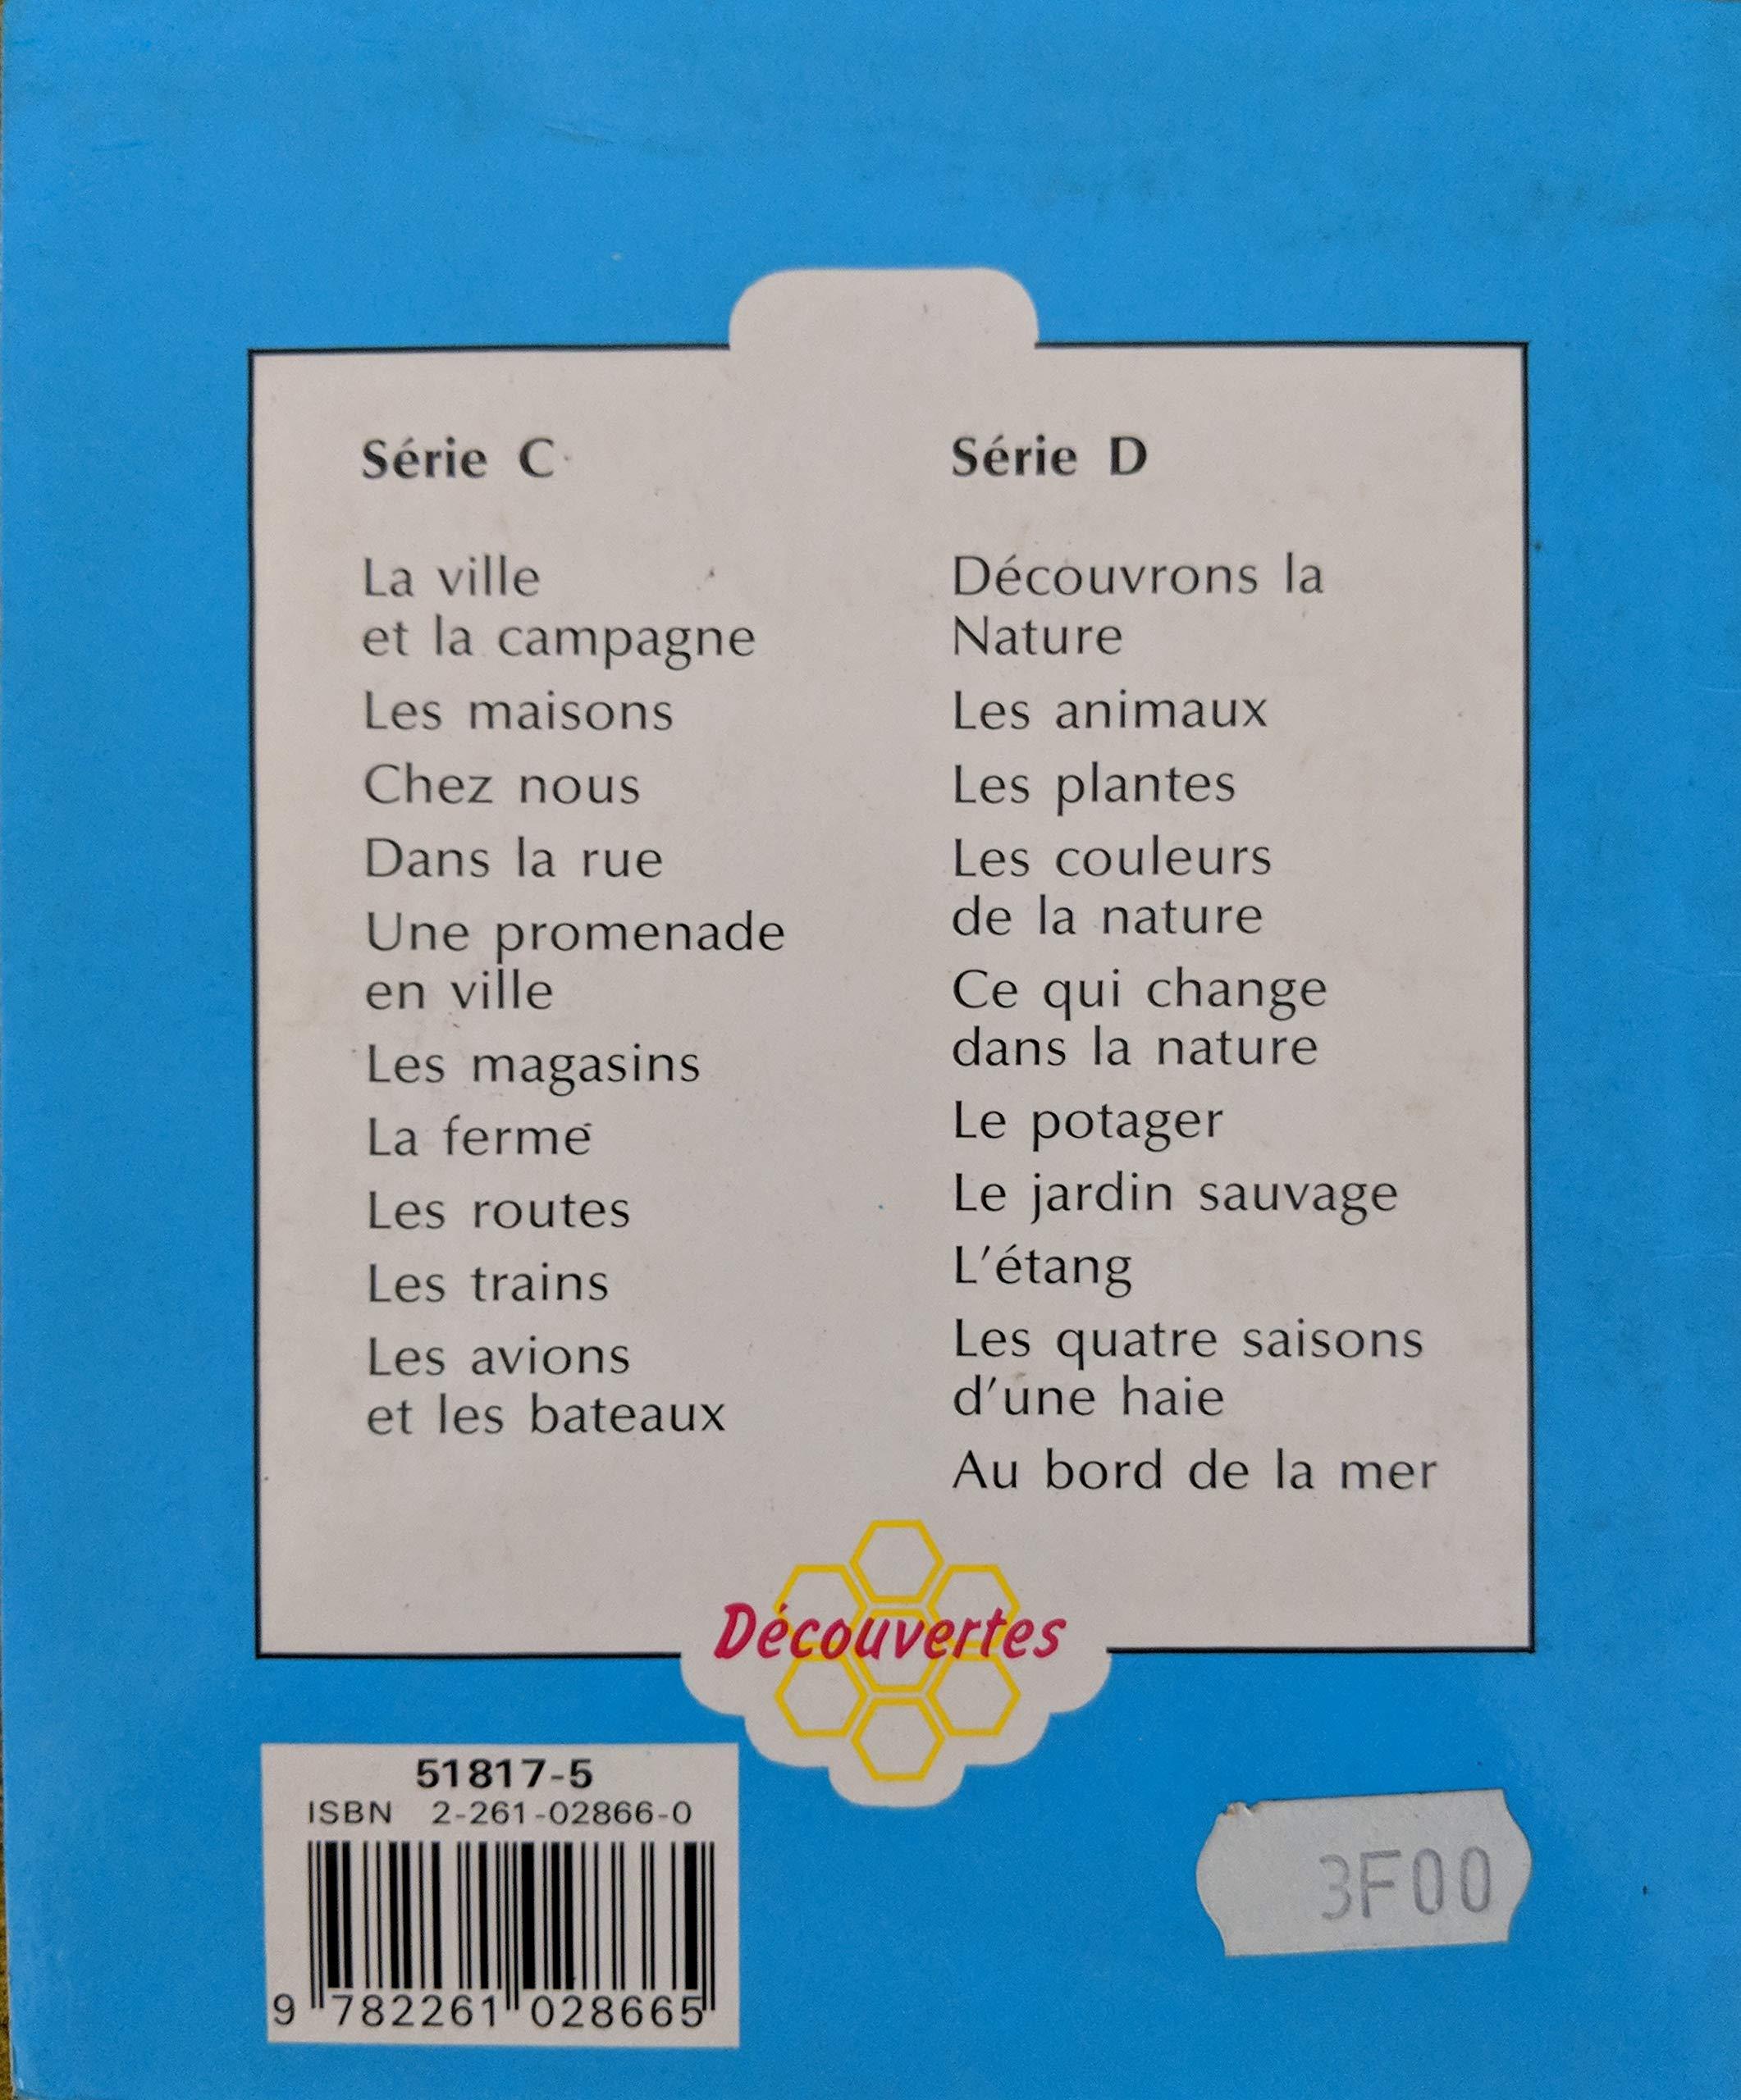 Germes (les) (a7) (.): Amazon.de: Vokes B: Fremdsprachige Bücher